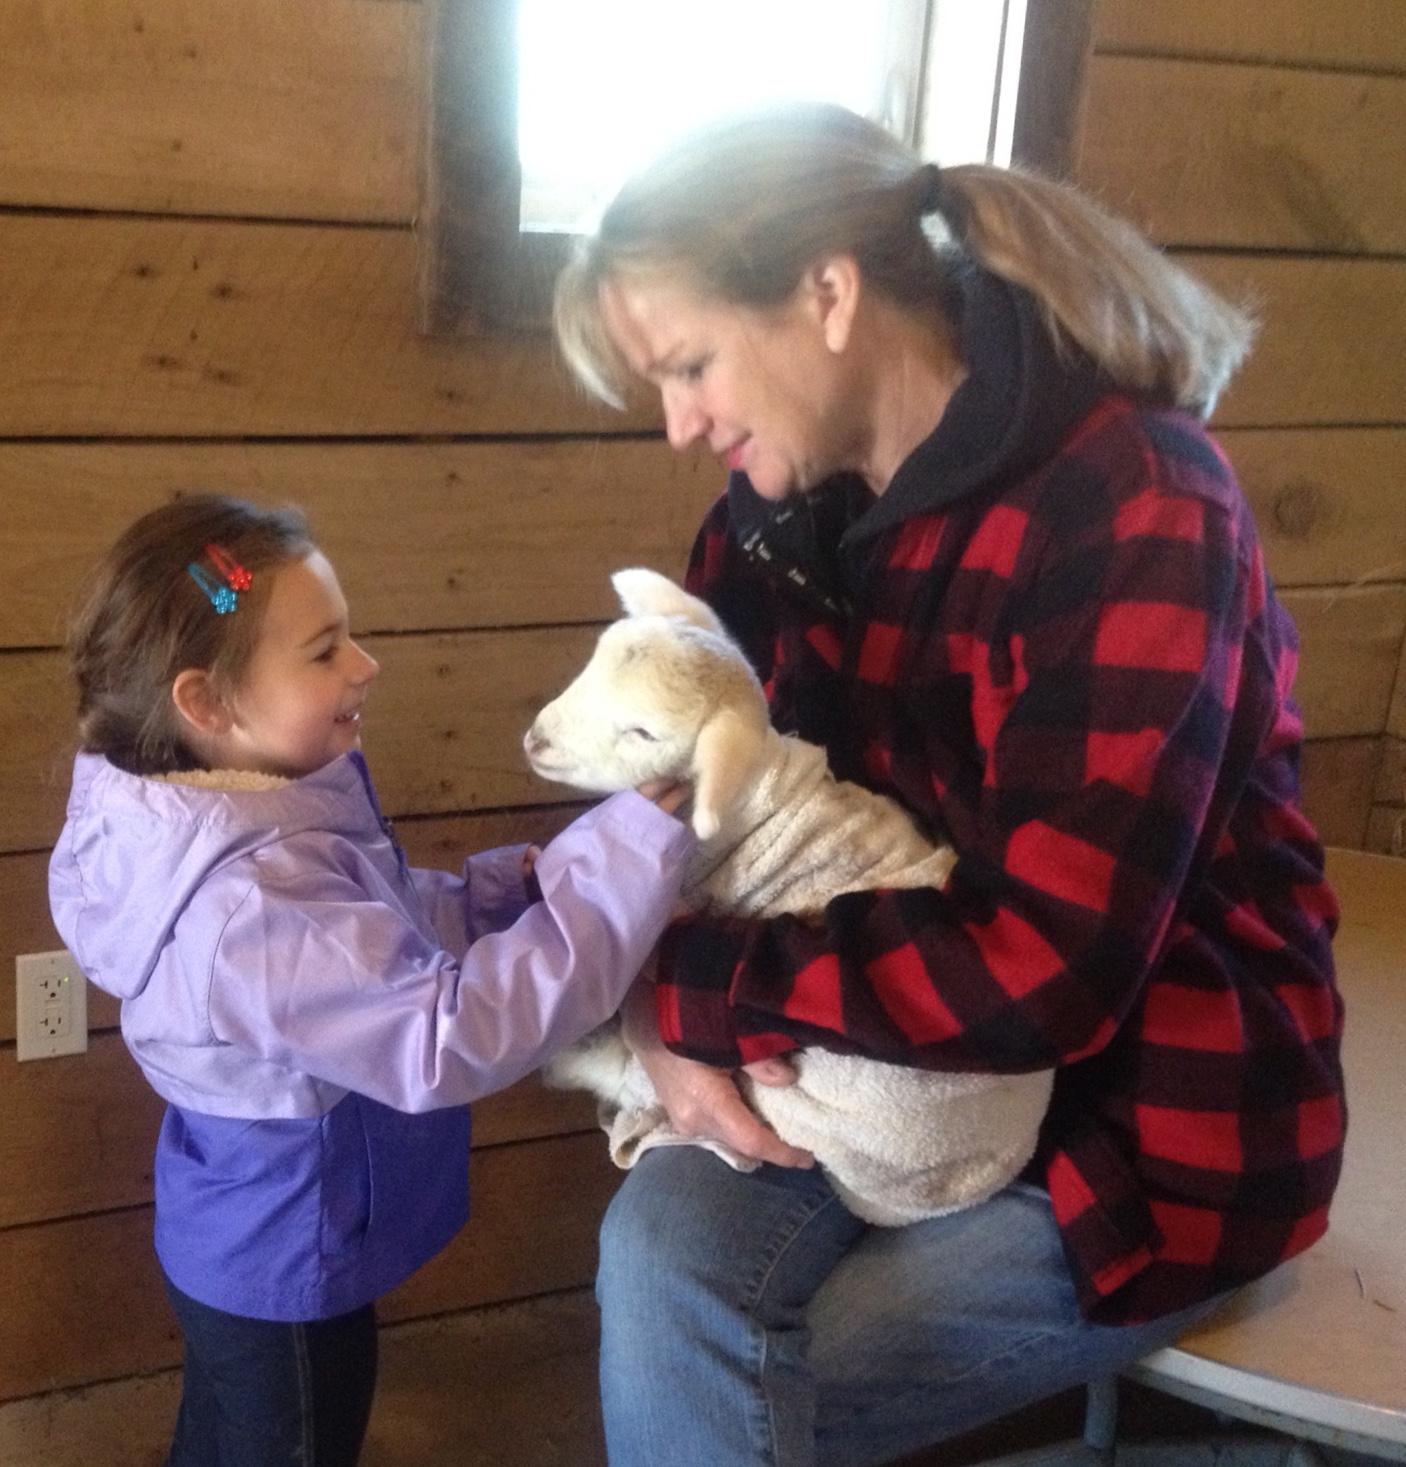 Petting the Lamb